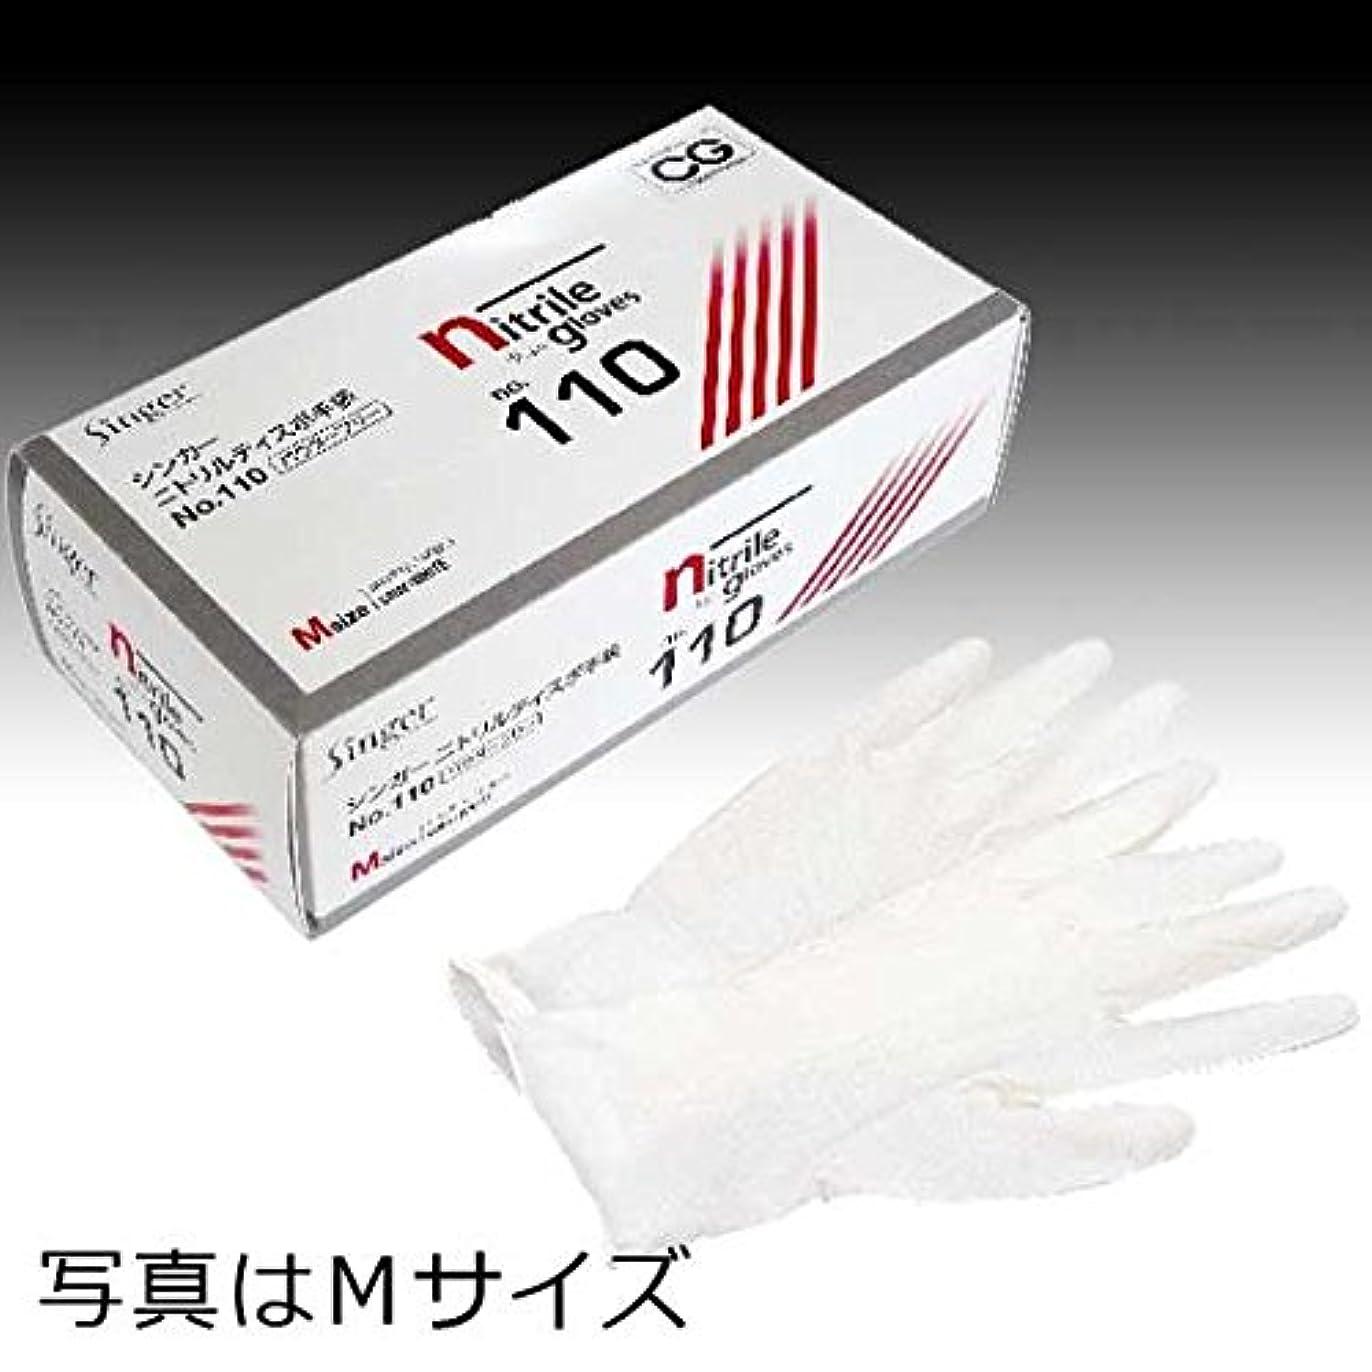 ラップトップアンペア近所のシンガーニトリルディスポ No.100 使い捨て手袋 粉つき2000枚 (100枚入り×20箱) (L)